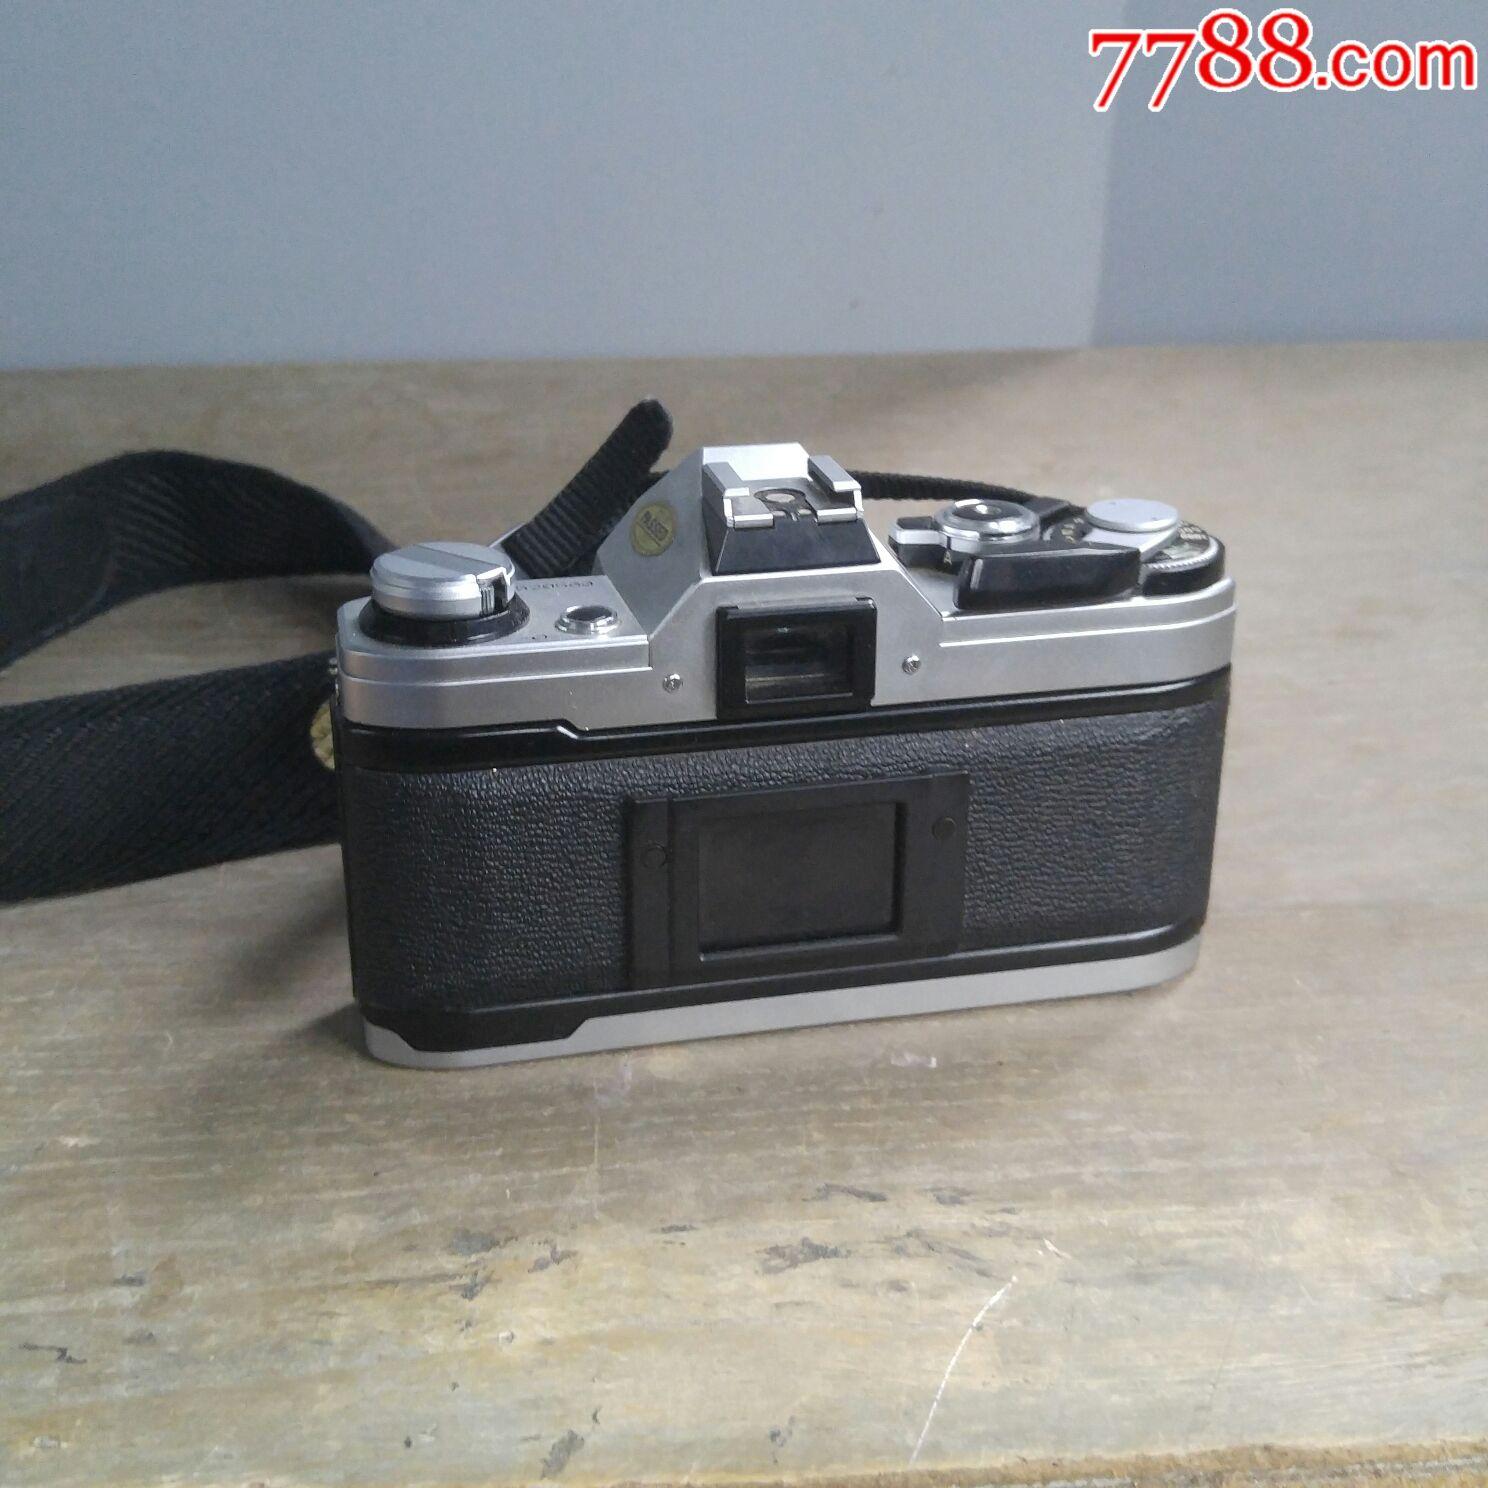 佳能AE-1单反相机_价格635元_第4张_